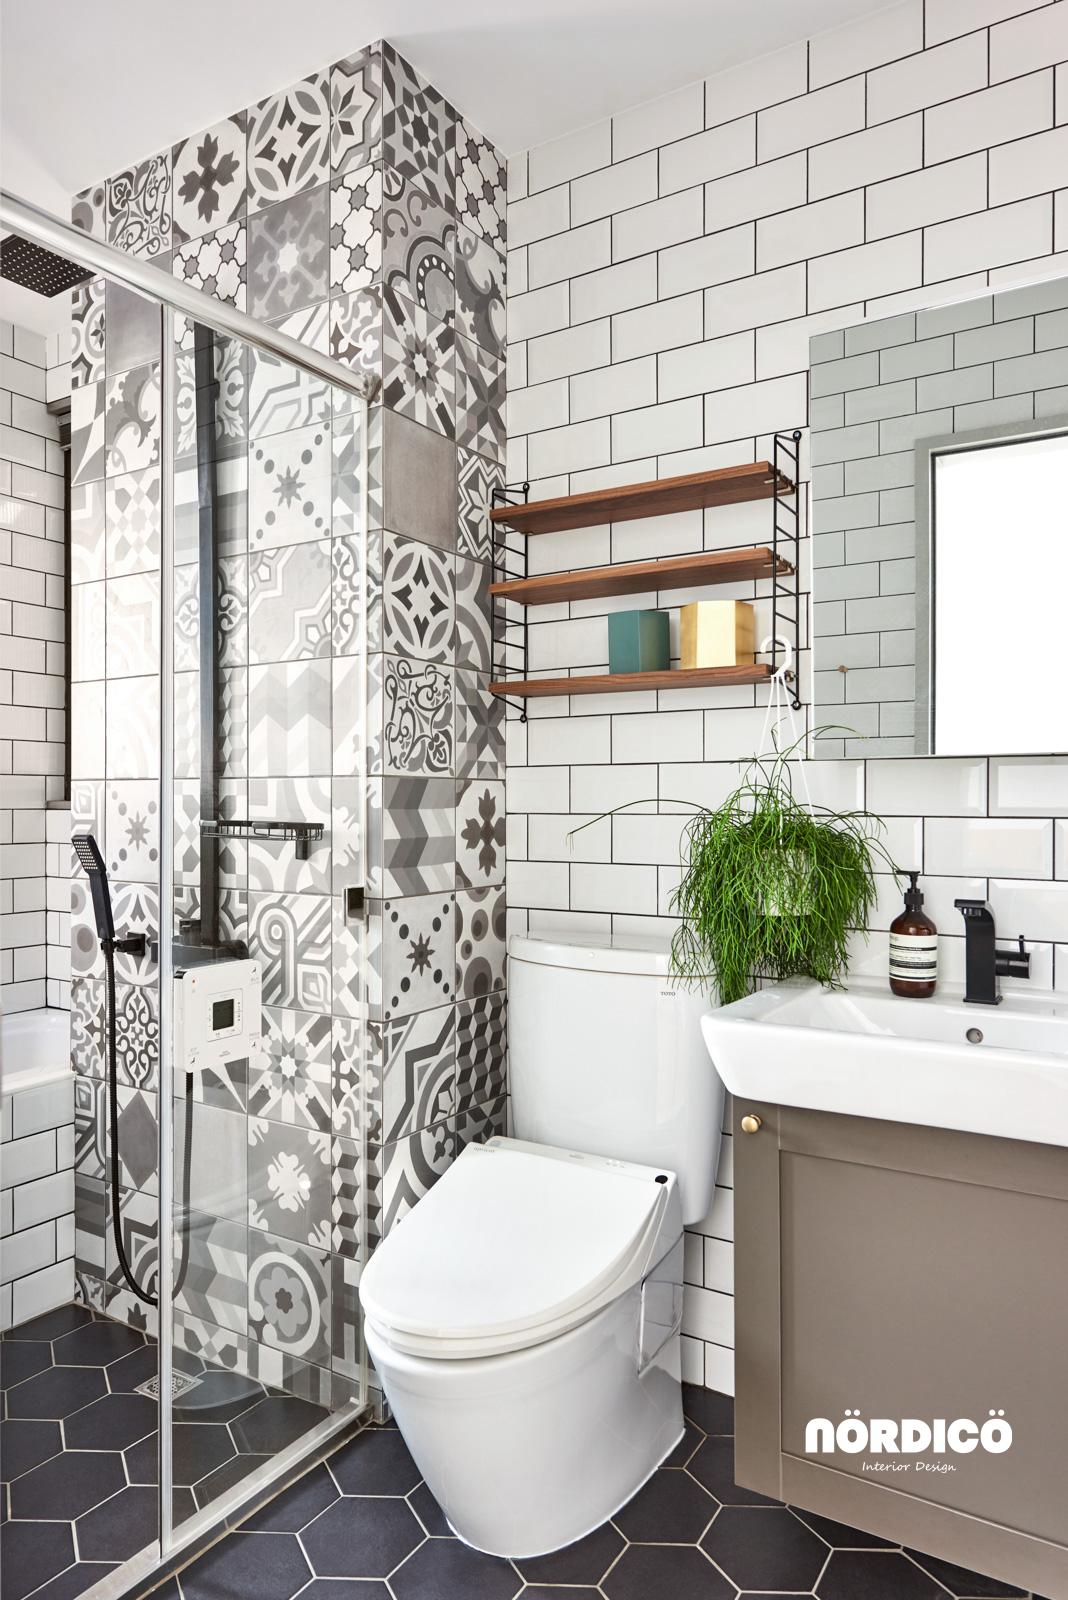 patterned-tile-bathroom-design